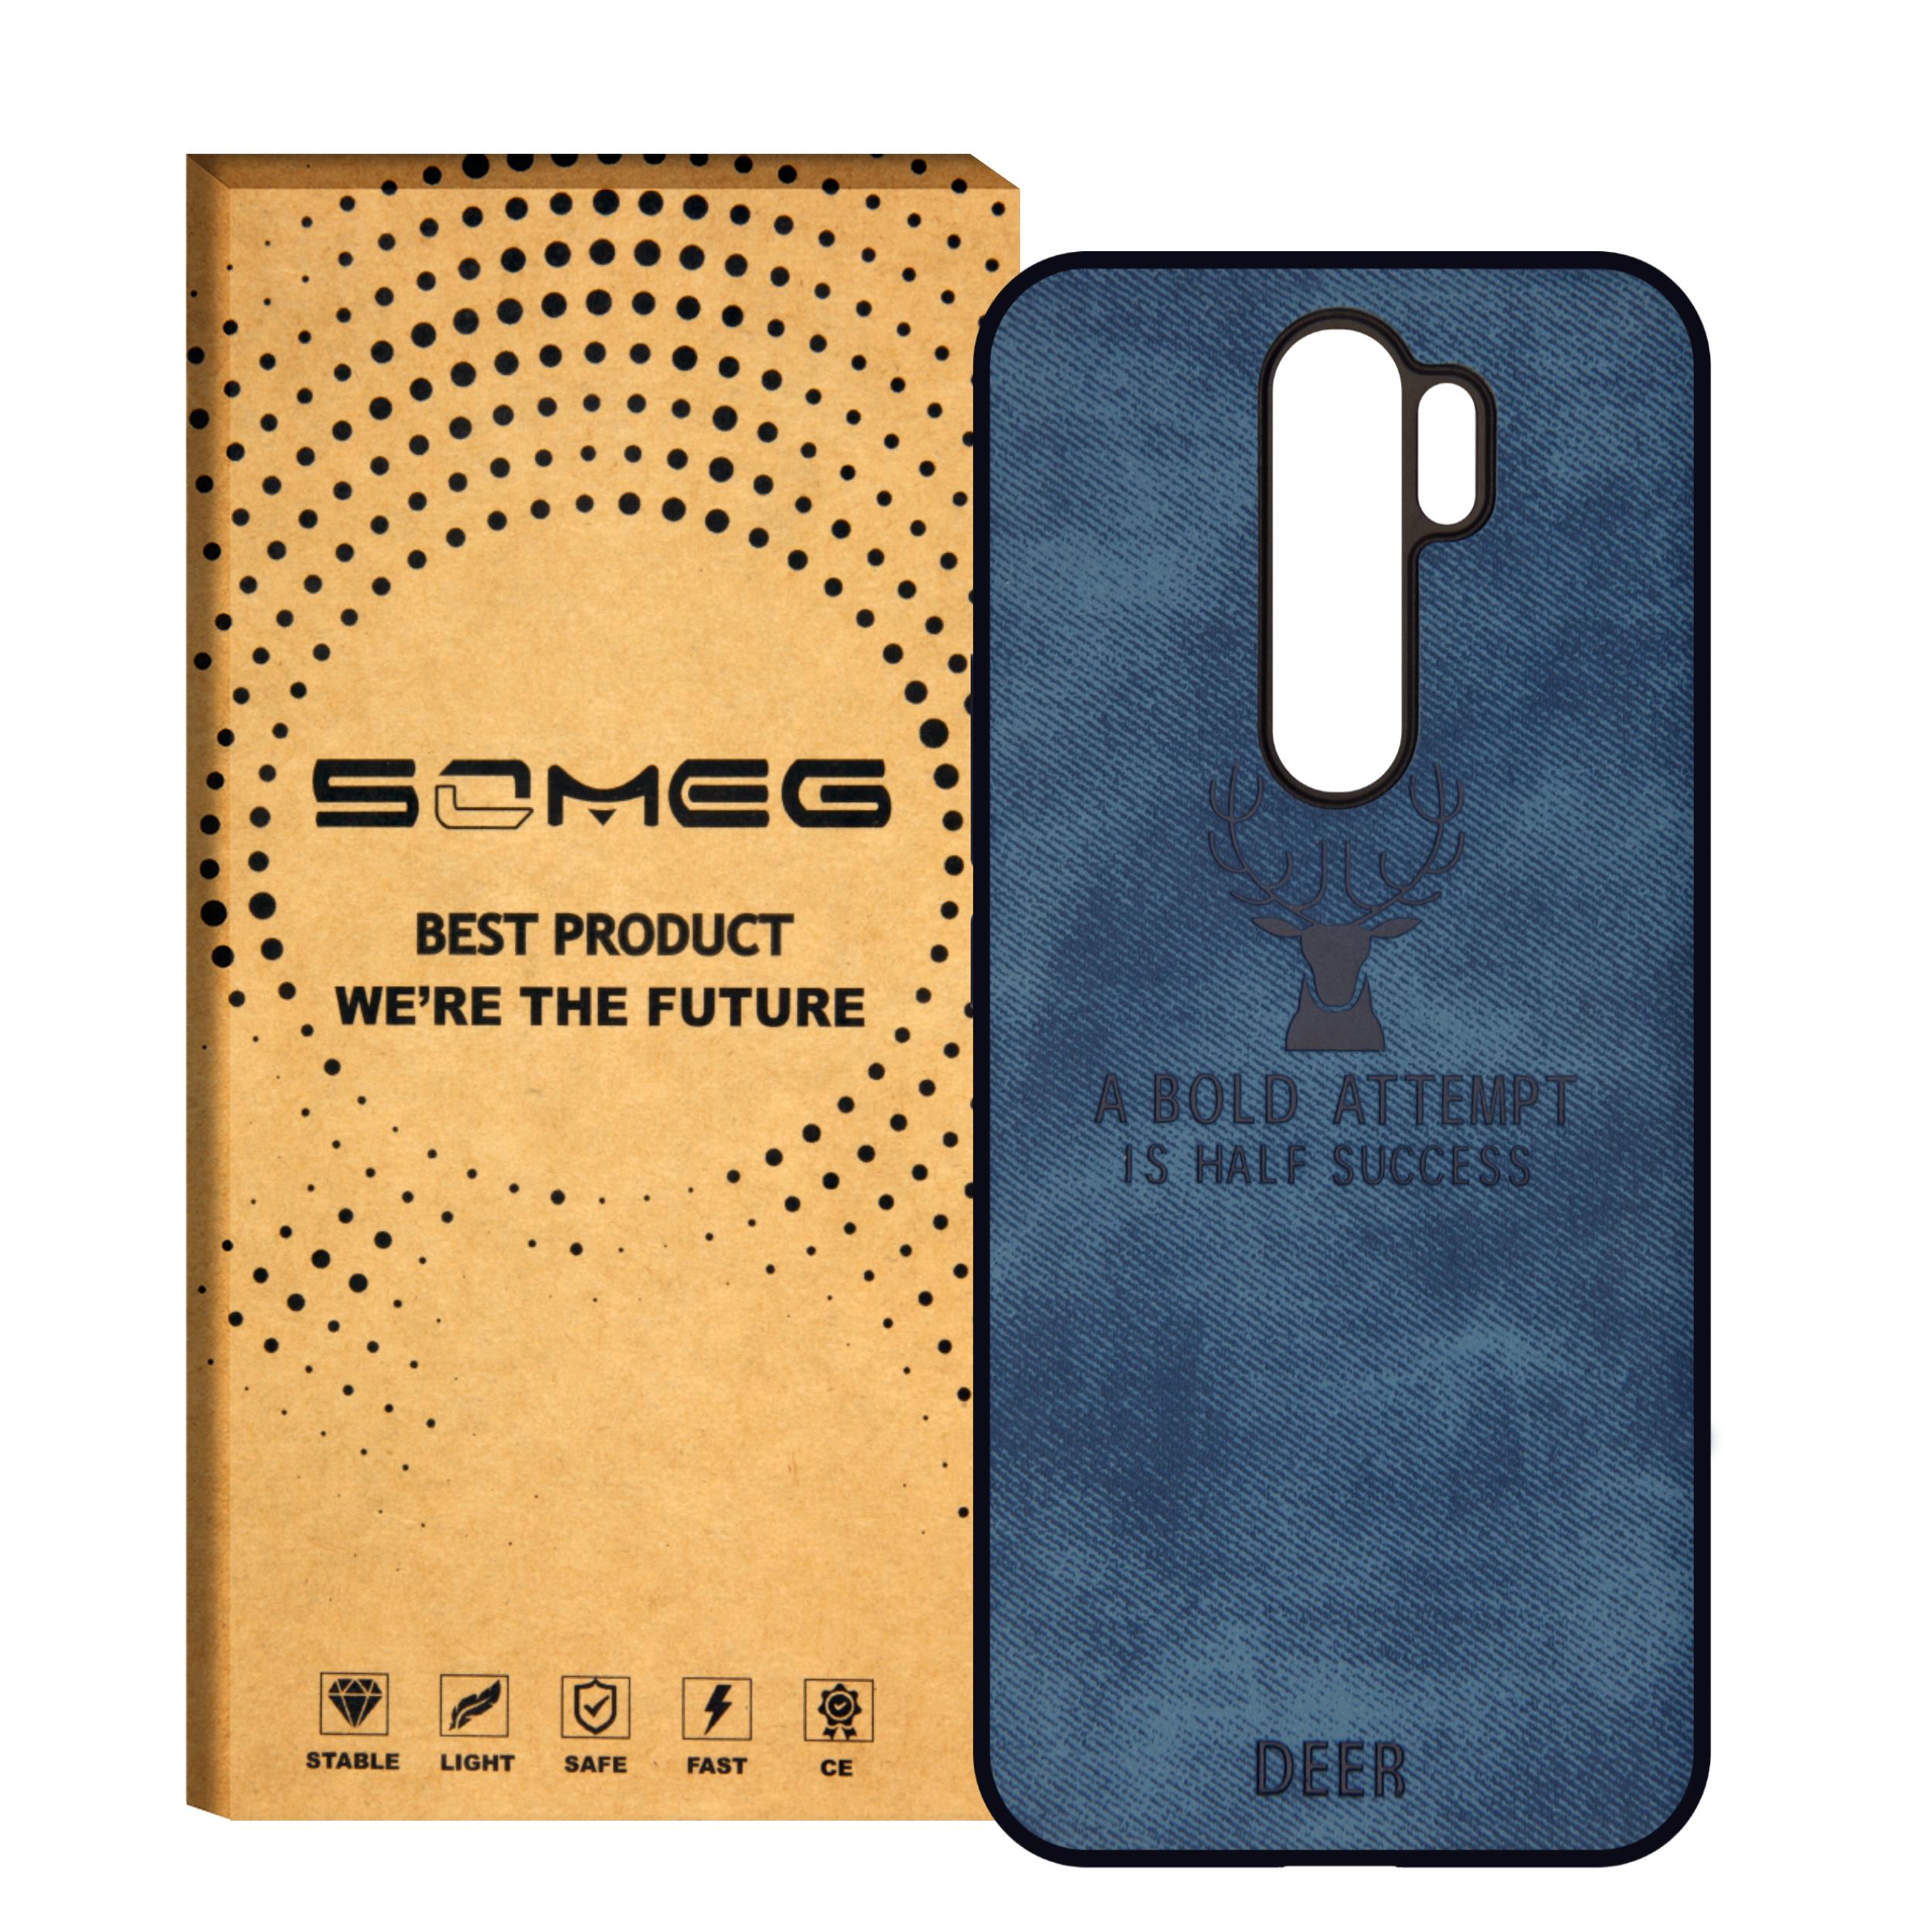 کاور سومگ مدل SMG-Der02 مناسب برای گوشی موبایل شیائومی Redmi Note 8 Pro              ( قیمت و خرید)